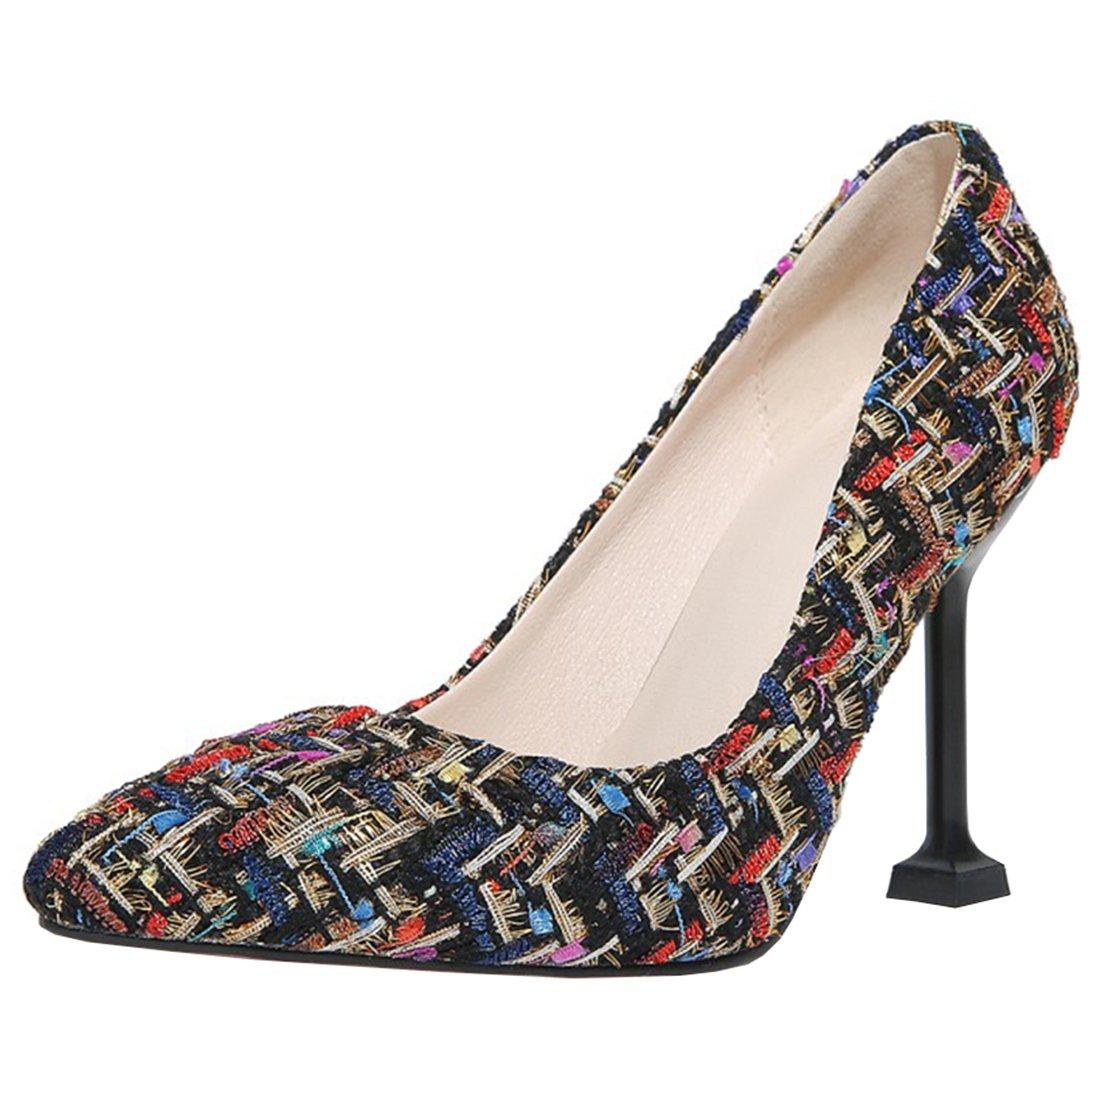 Atyche Damen High Heels Pumps mit Spitze und Stiletto 10cm Absatz Elegante Arbeit Schuhe